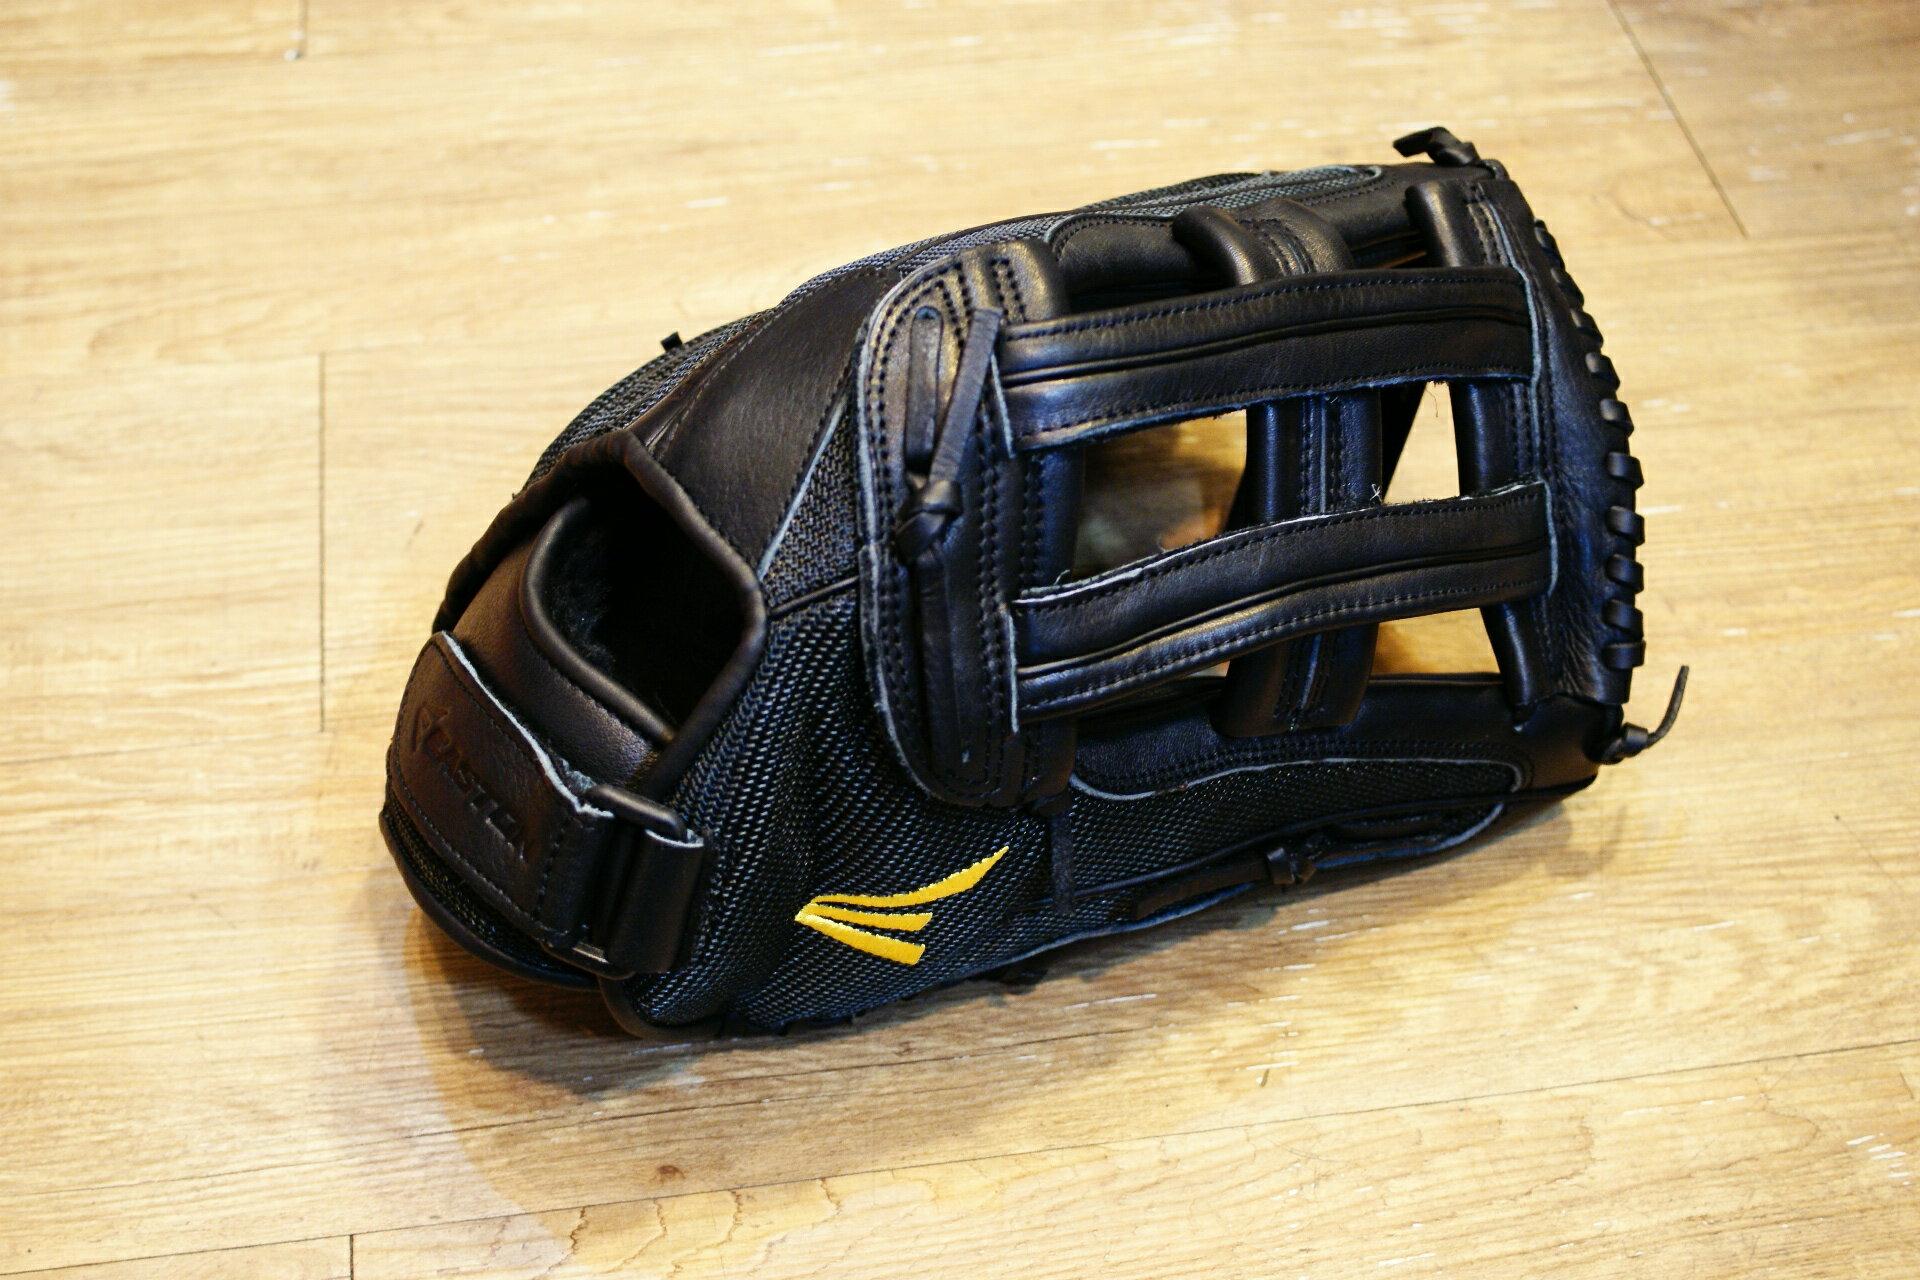 棒球世界 全新15年EASTON 美國進口超大牛皮外野手手套 特價 15吋